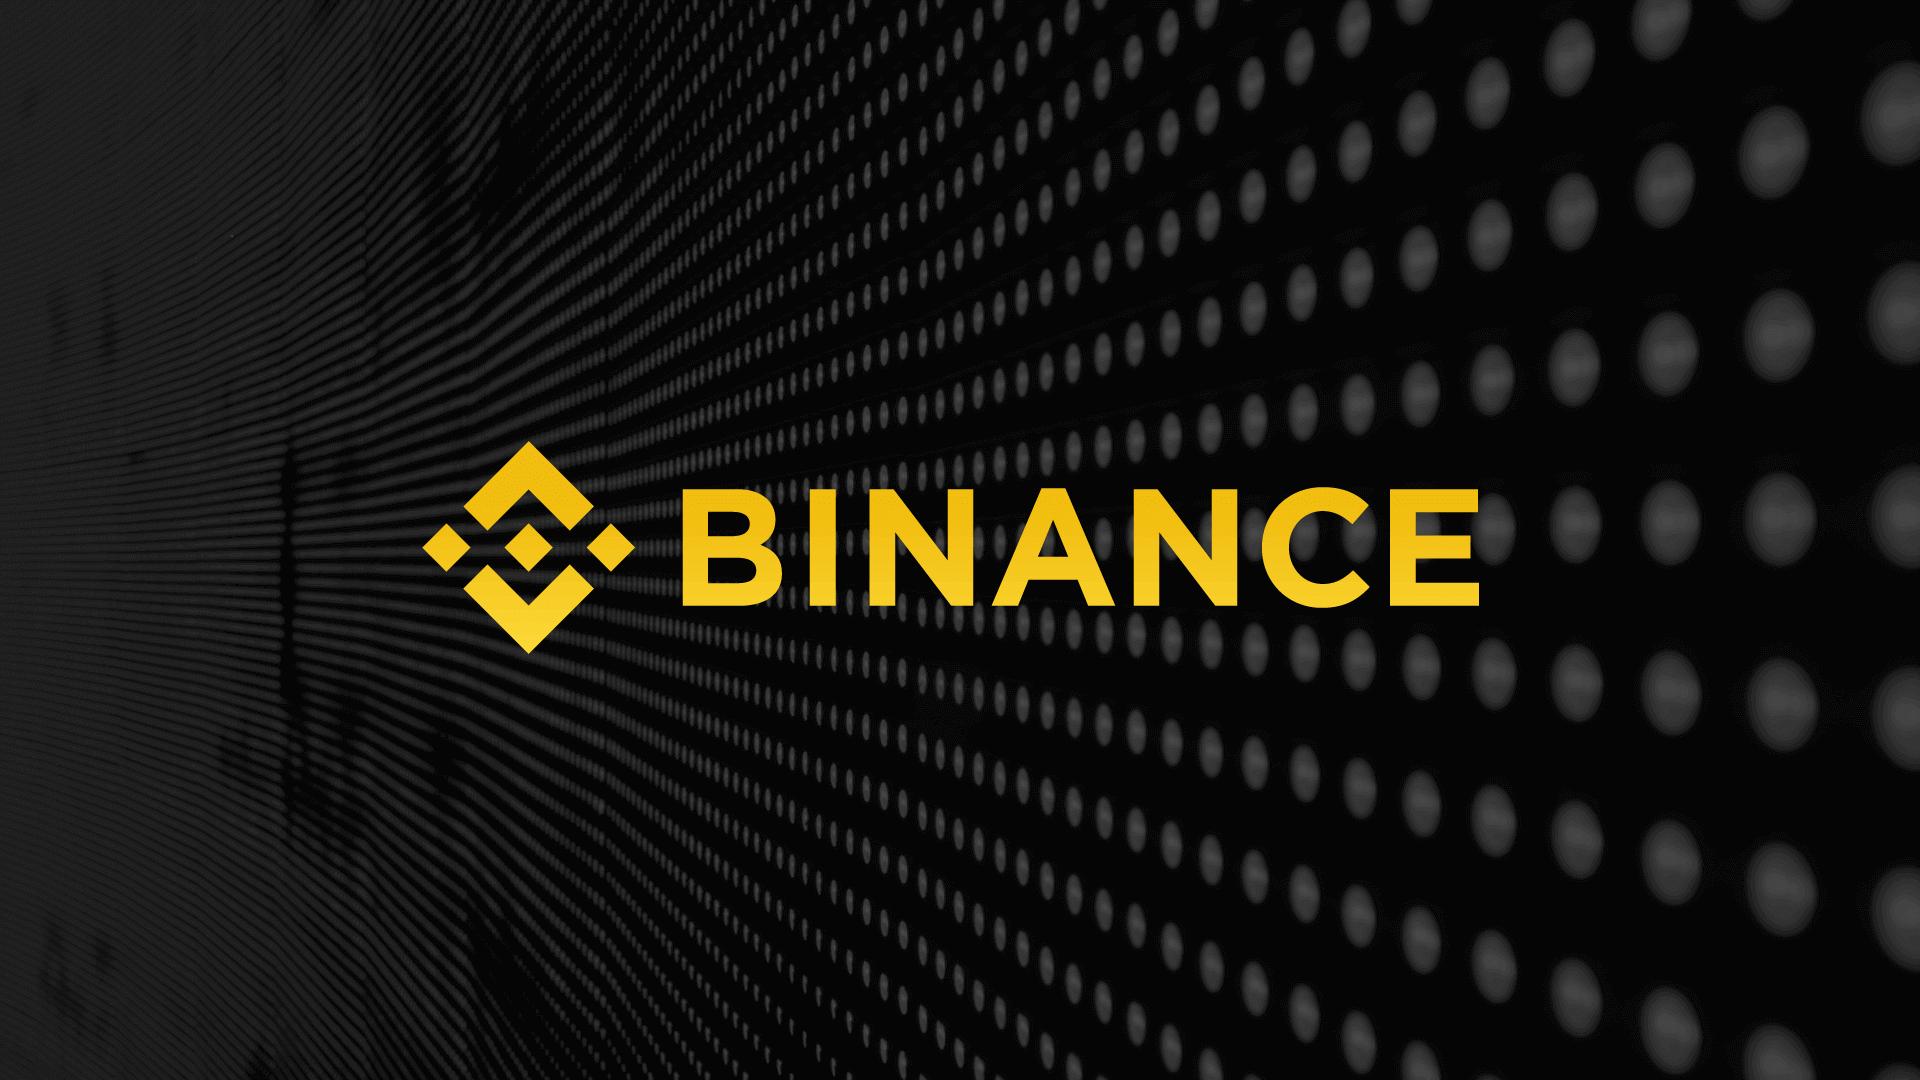 صرافی بایننس / بایننس / Binance Exchange